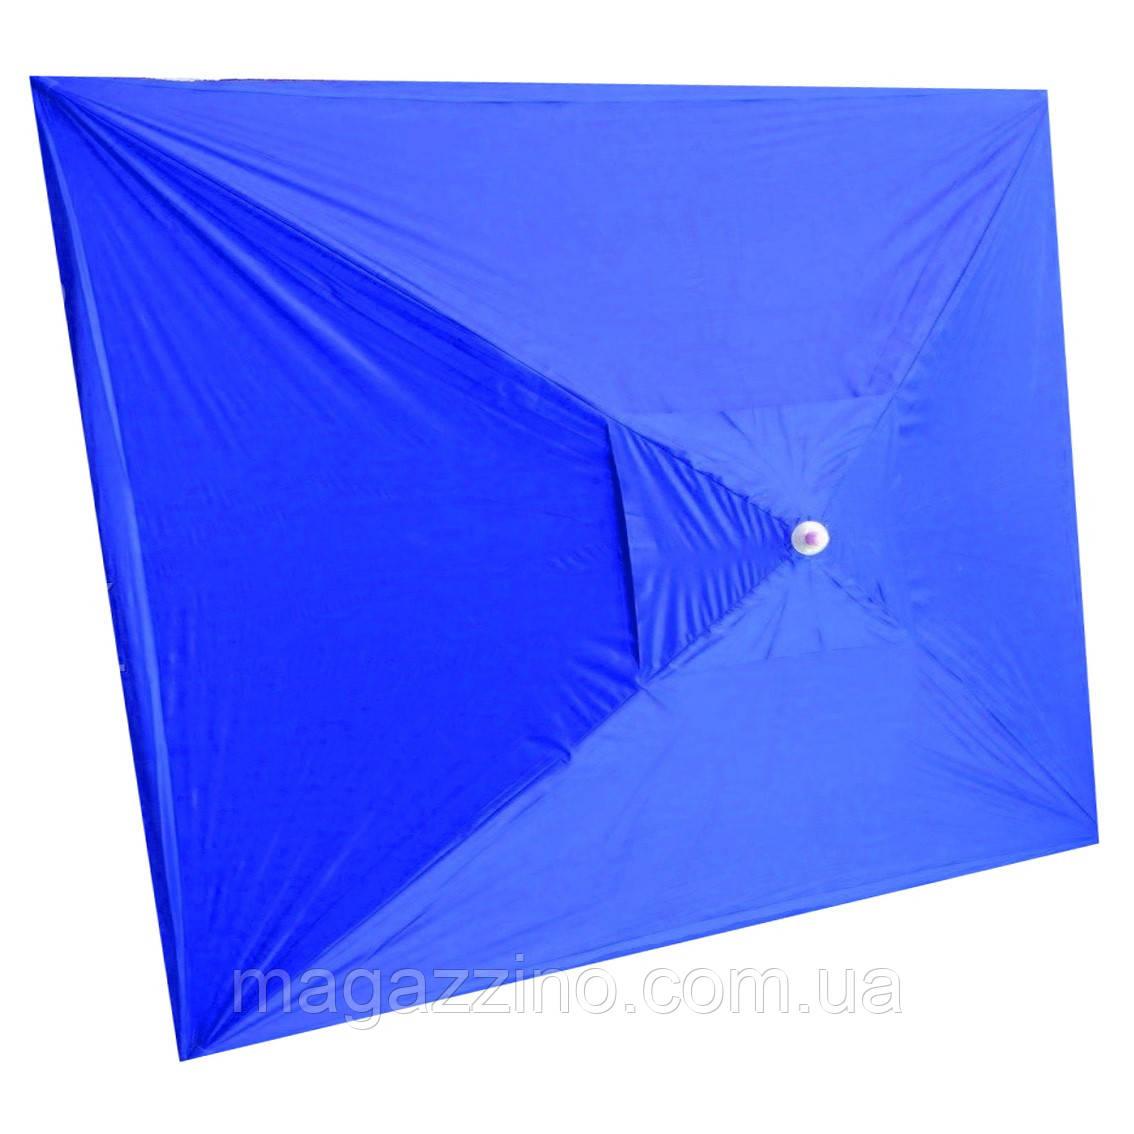 Зонт прямоугольный с ветровым клапаном, Синий, 3 х 2 м.